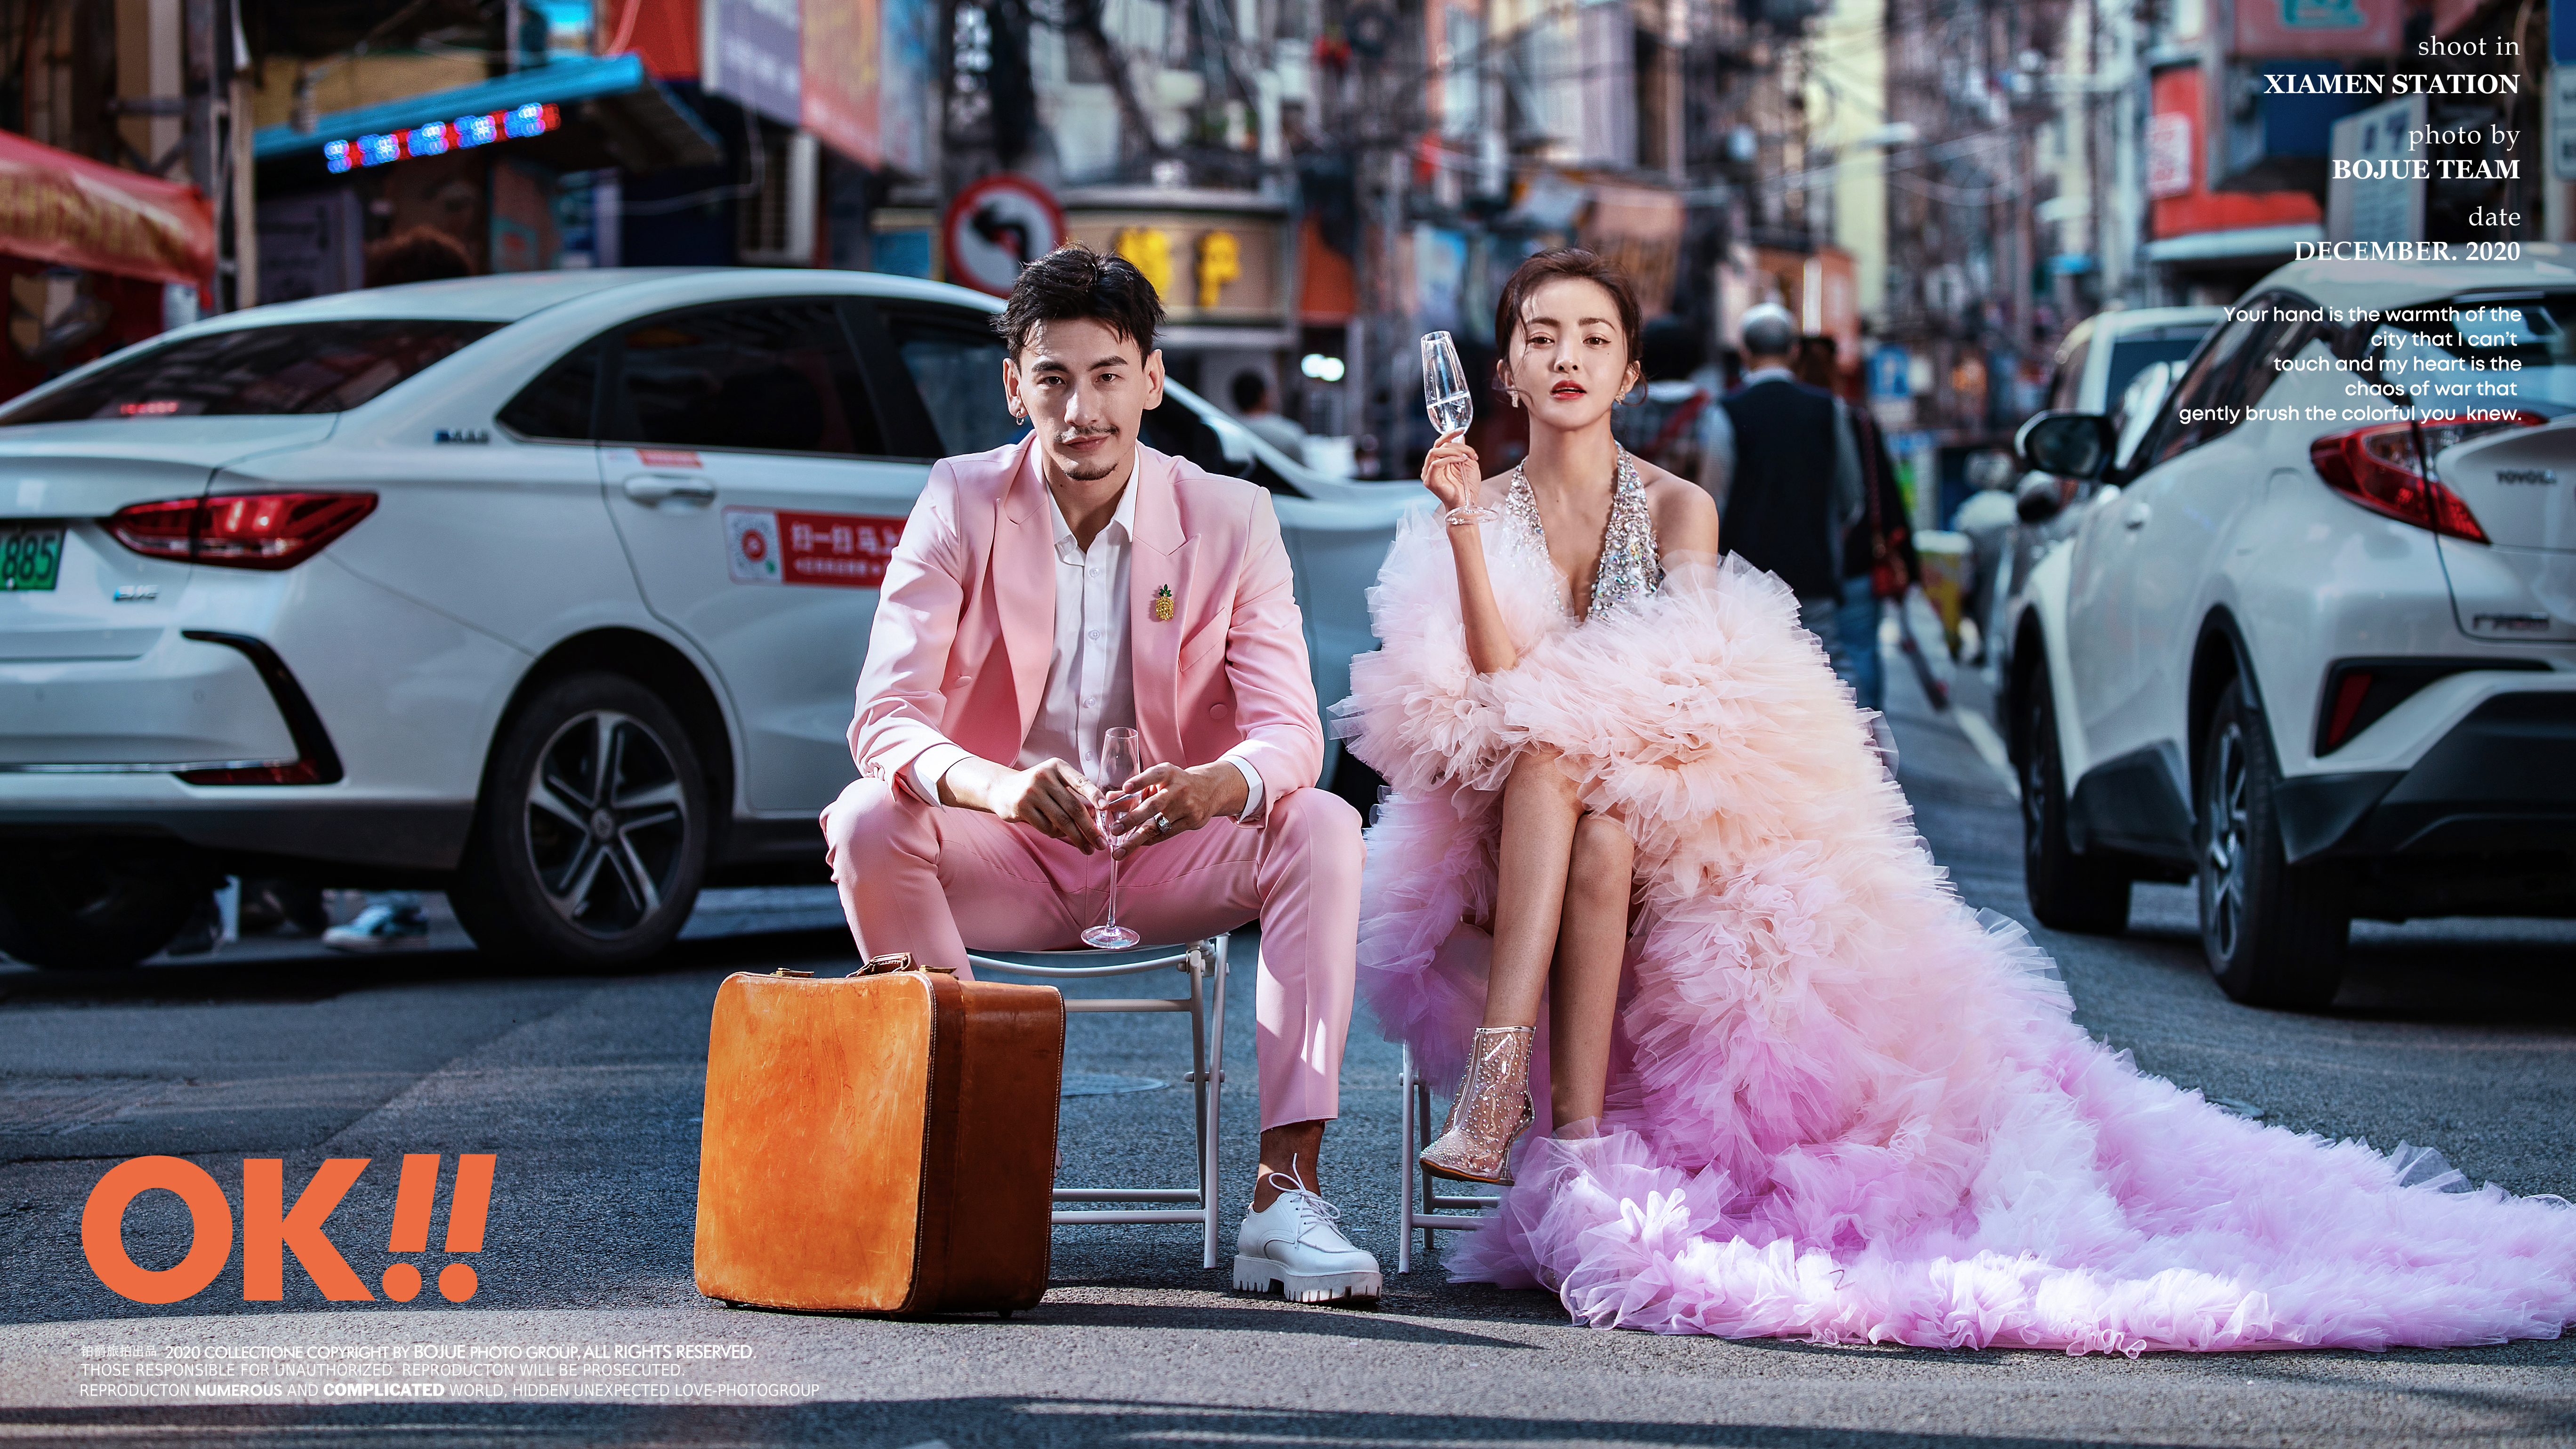 厦门海韵台几月份拍婚纱照最好?拍婚纱照有哪些误区?